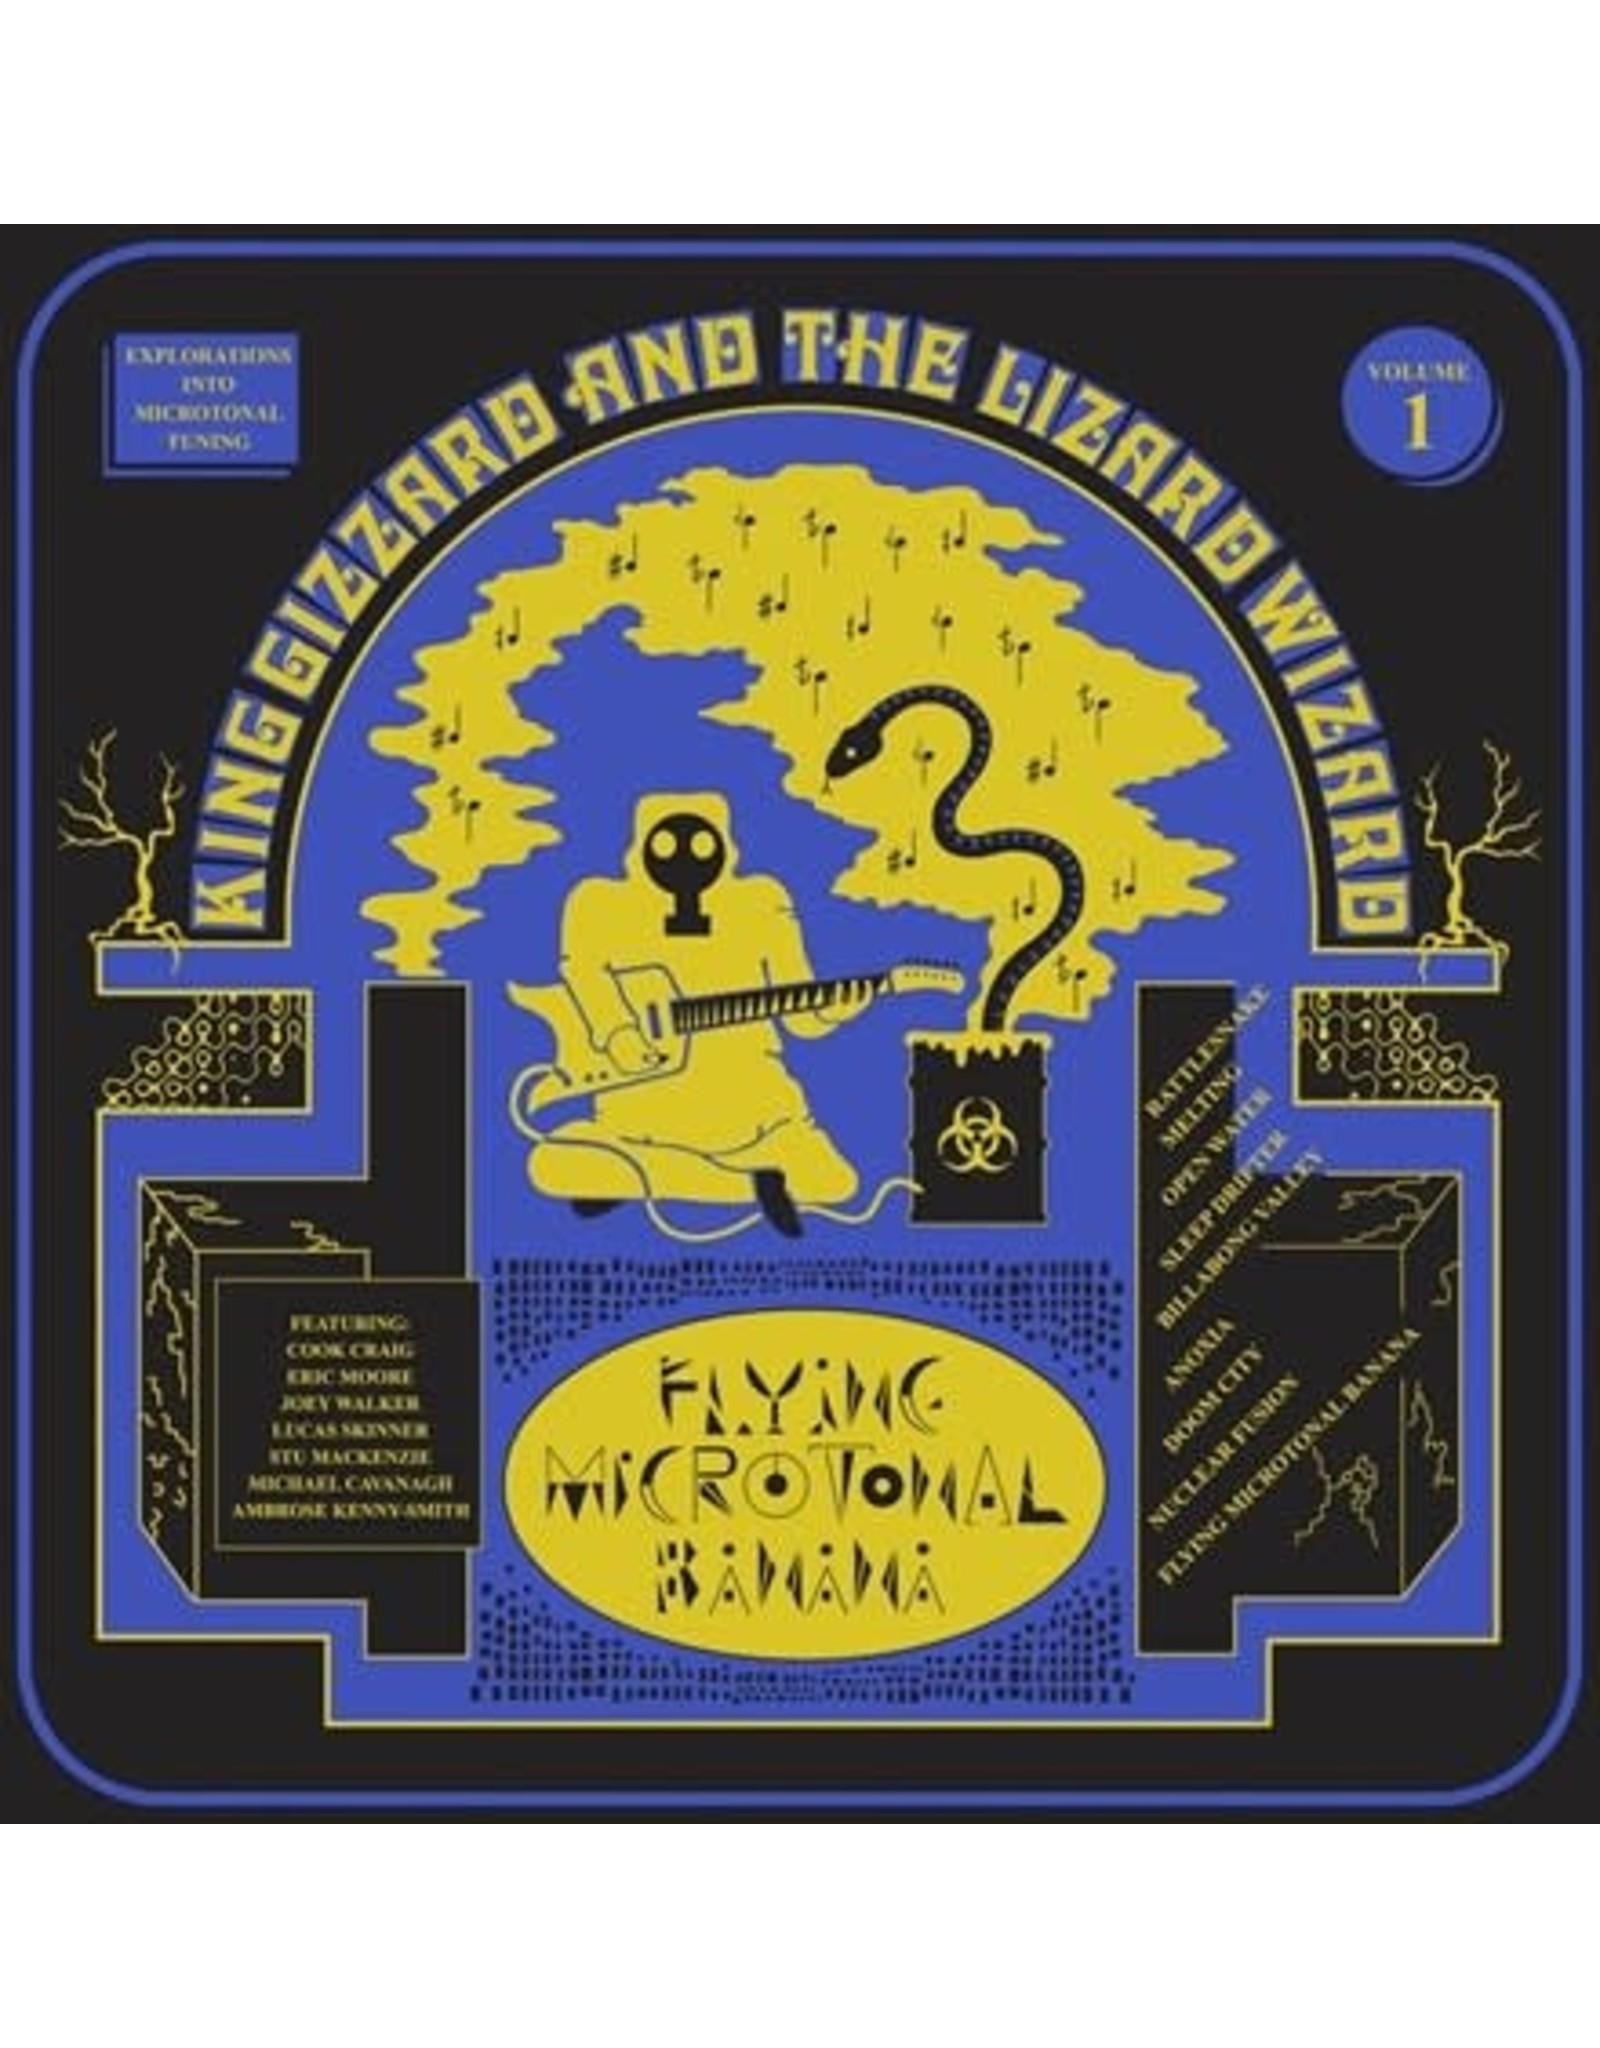 ATO King Gizzard & the Lizard Wizard: Flying Microtonal Banana LP